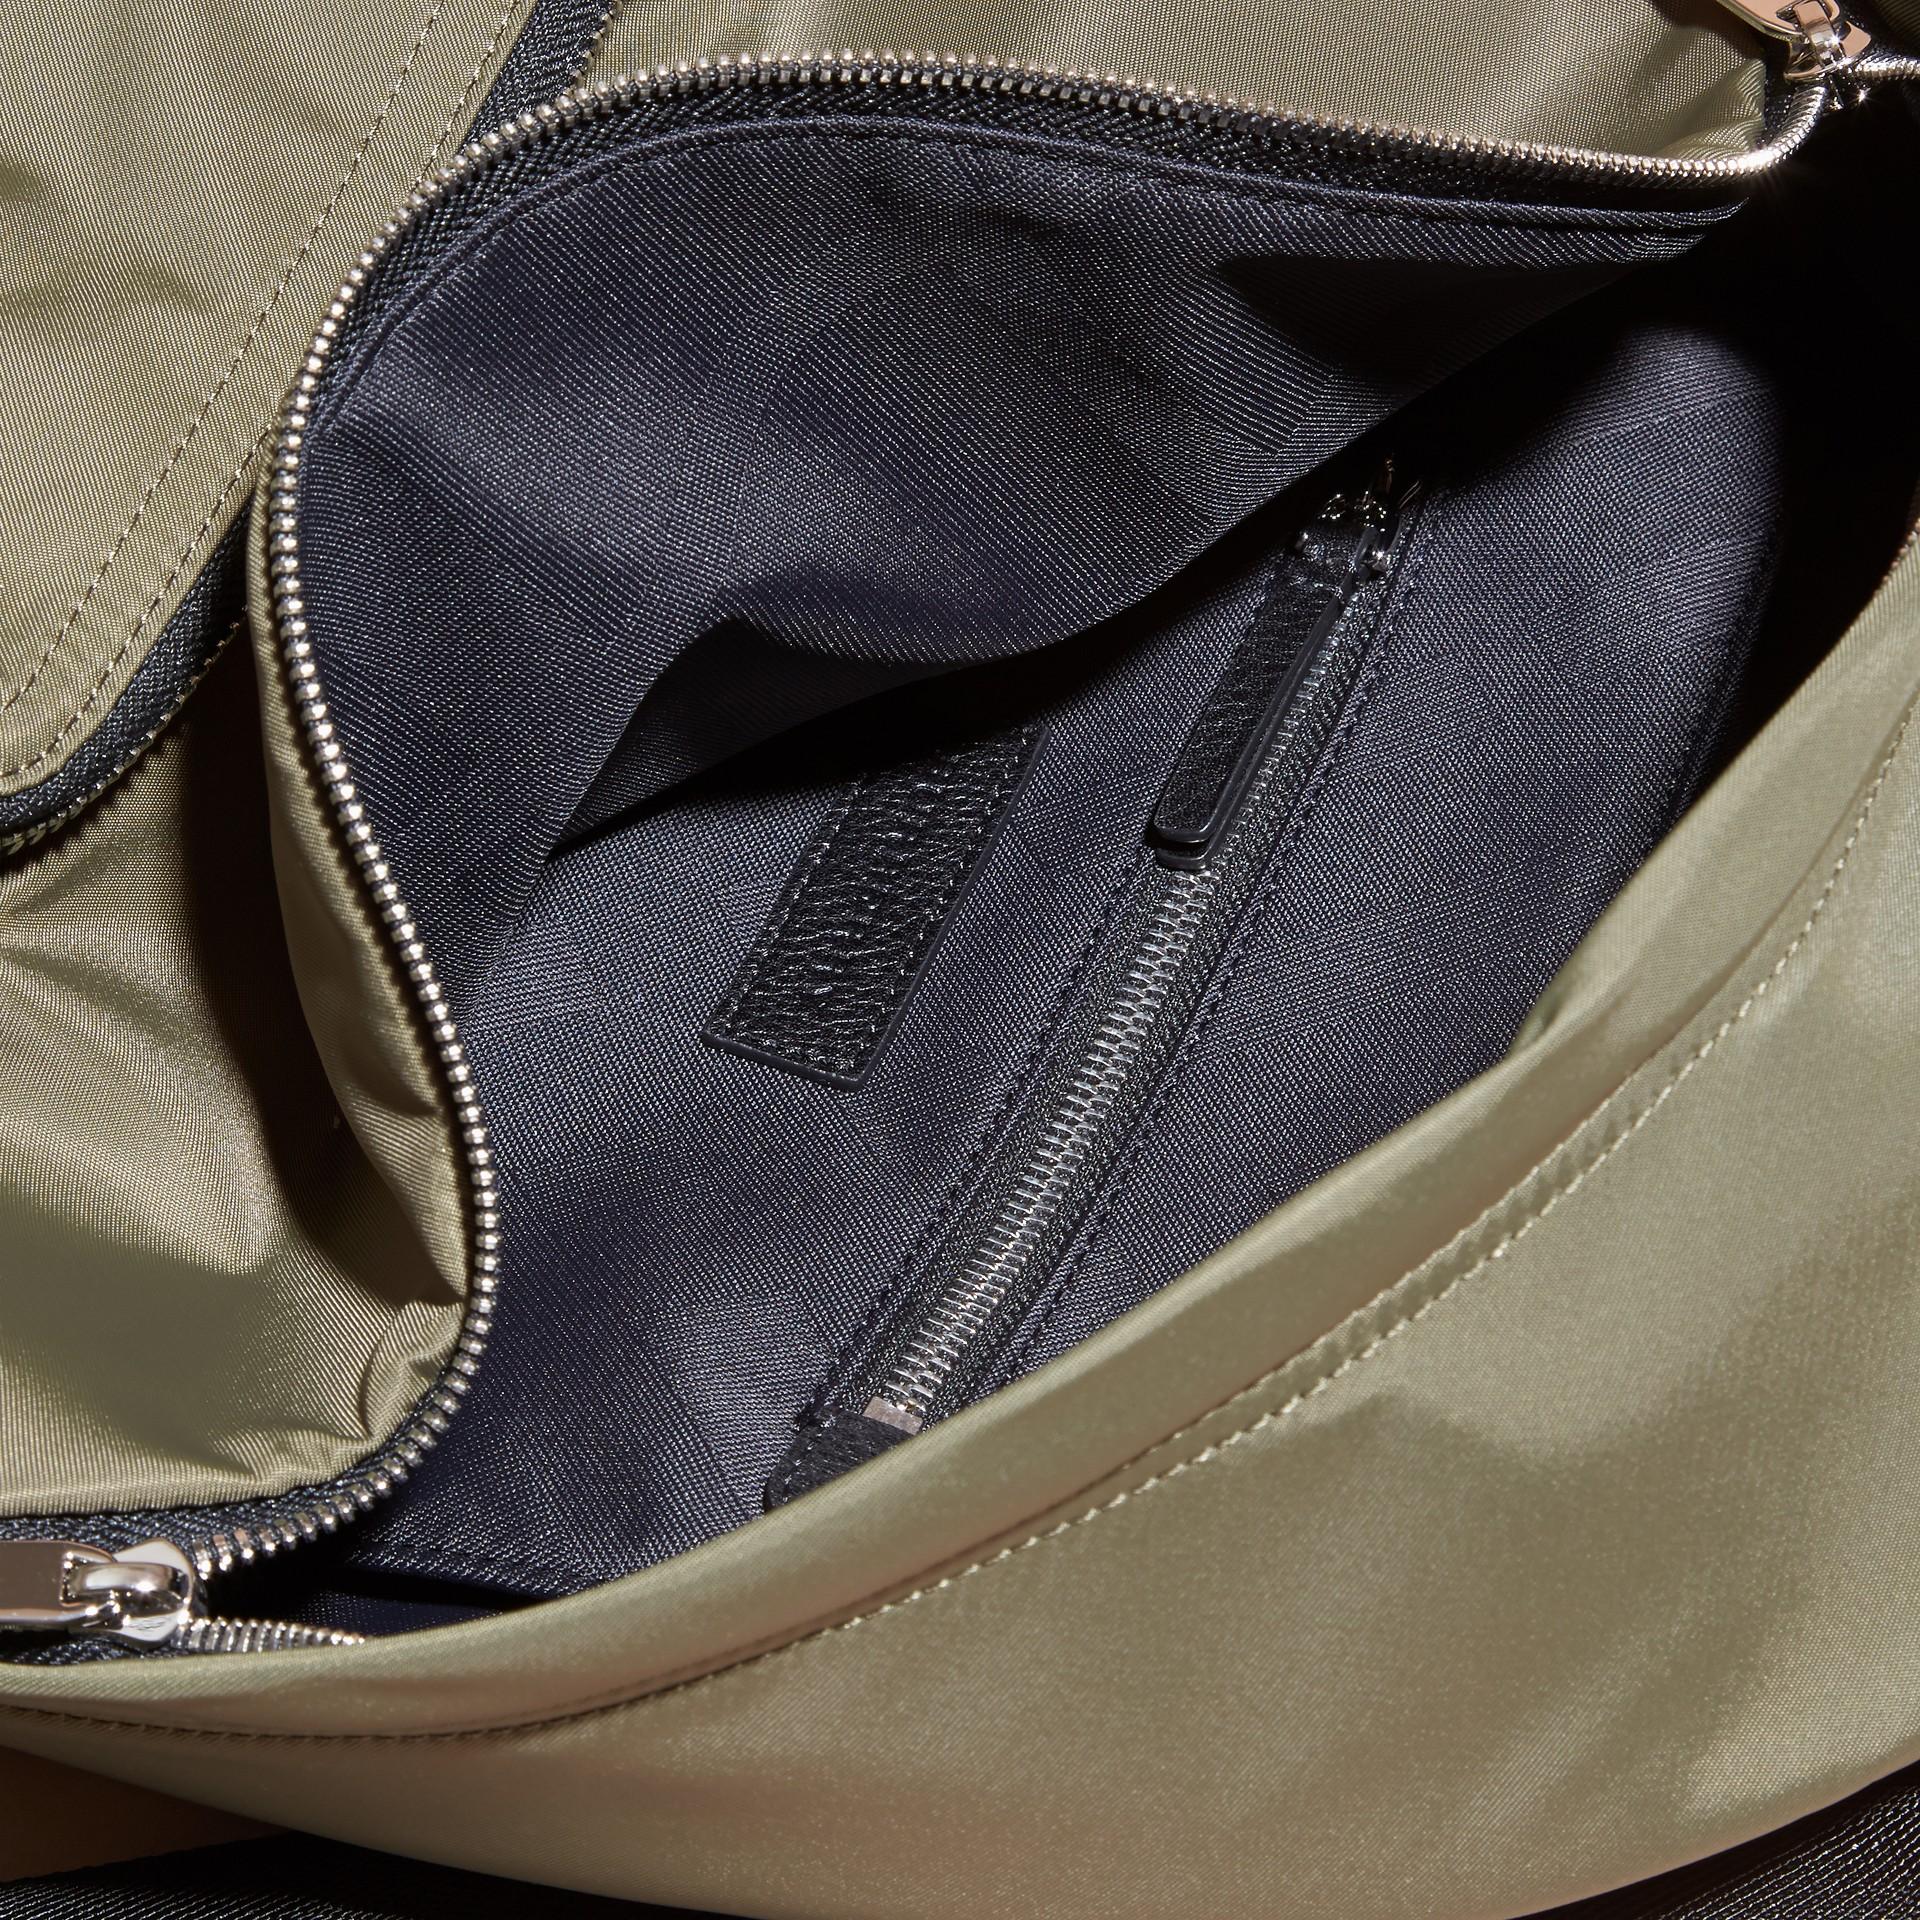 Verde tela Zaino in nylon con finiture in pelle Verde Tela - immagine della galleria 5